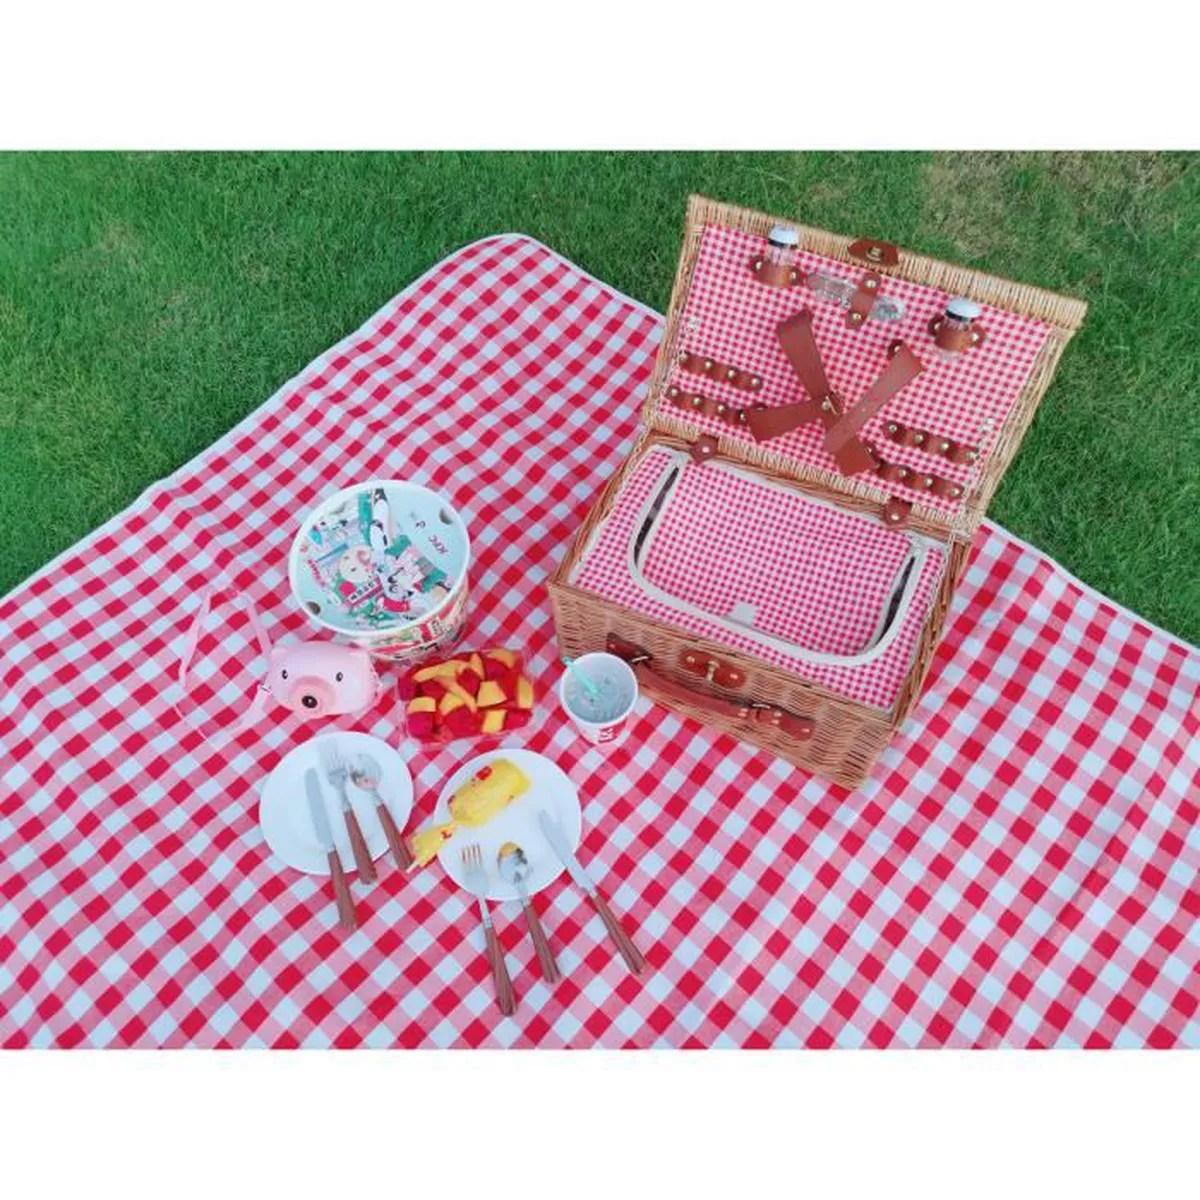 couverture picnic impermeable nappe picnic resiste a l humidite tapis pique niques exterieur en carreaux vichy rouge 150x150 cm